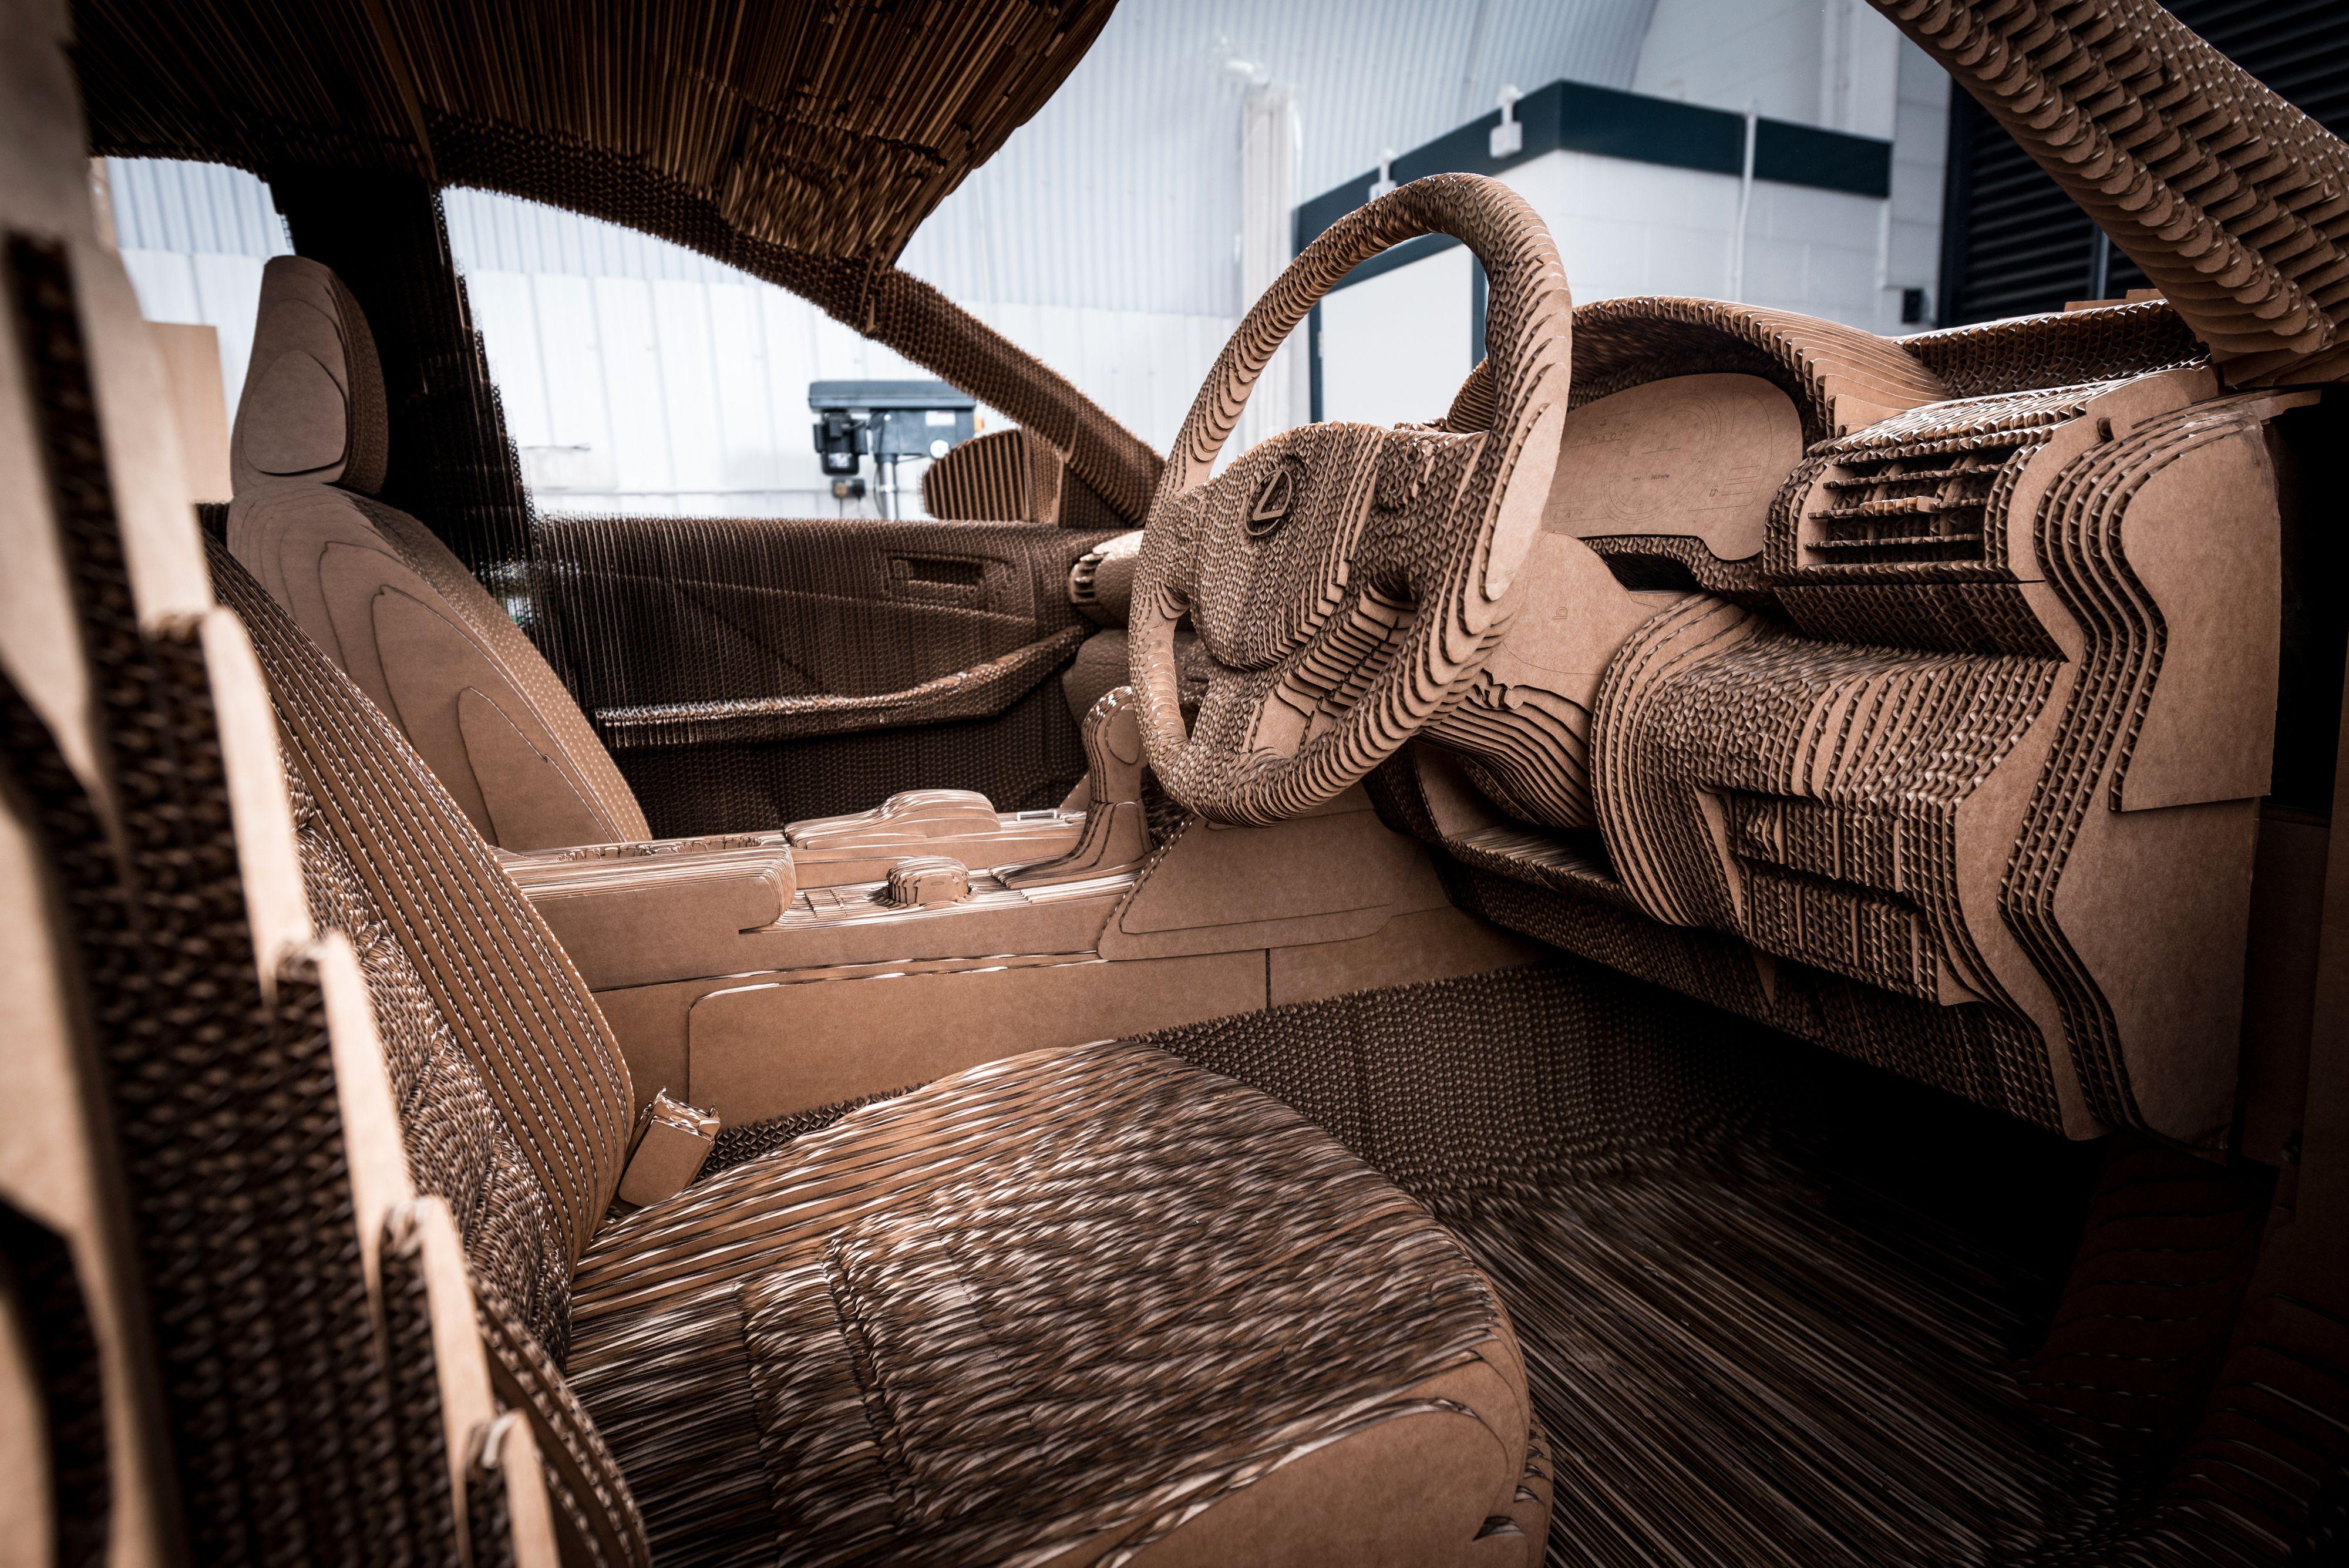 Også interiøret er laget av papp. Foto: Lexus